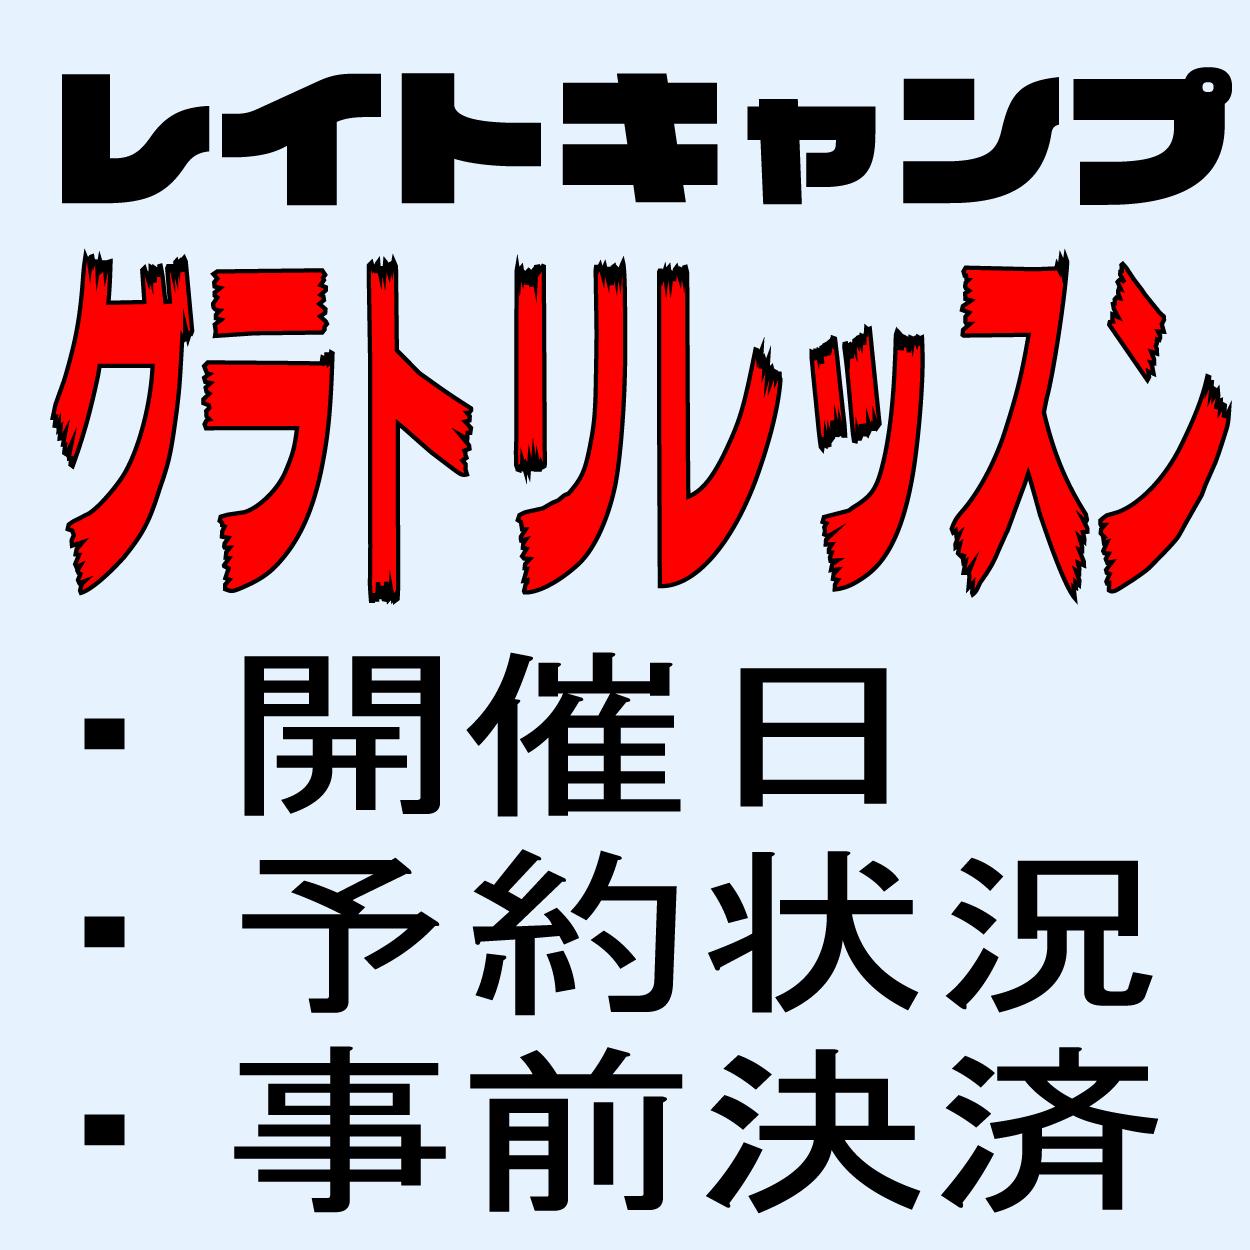 グラトリ専門レッスン【レイトキャンプ】開催日、予約状況、事前決済はこちらからご確認ください♪4月14日更新